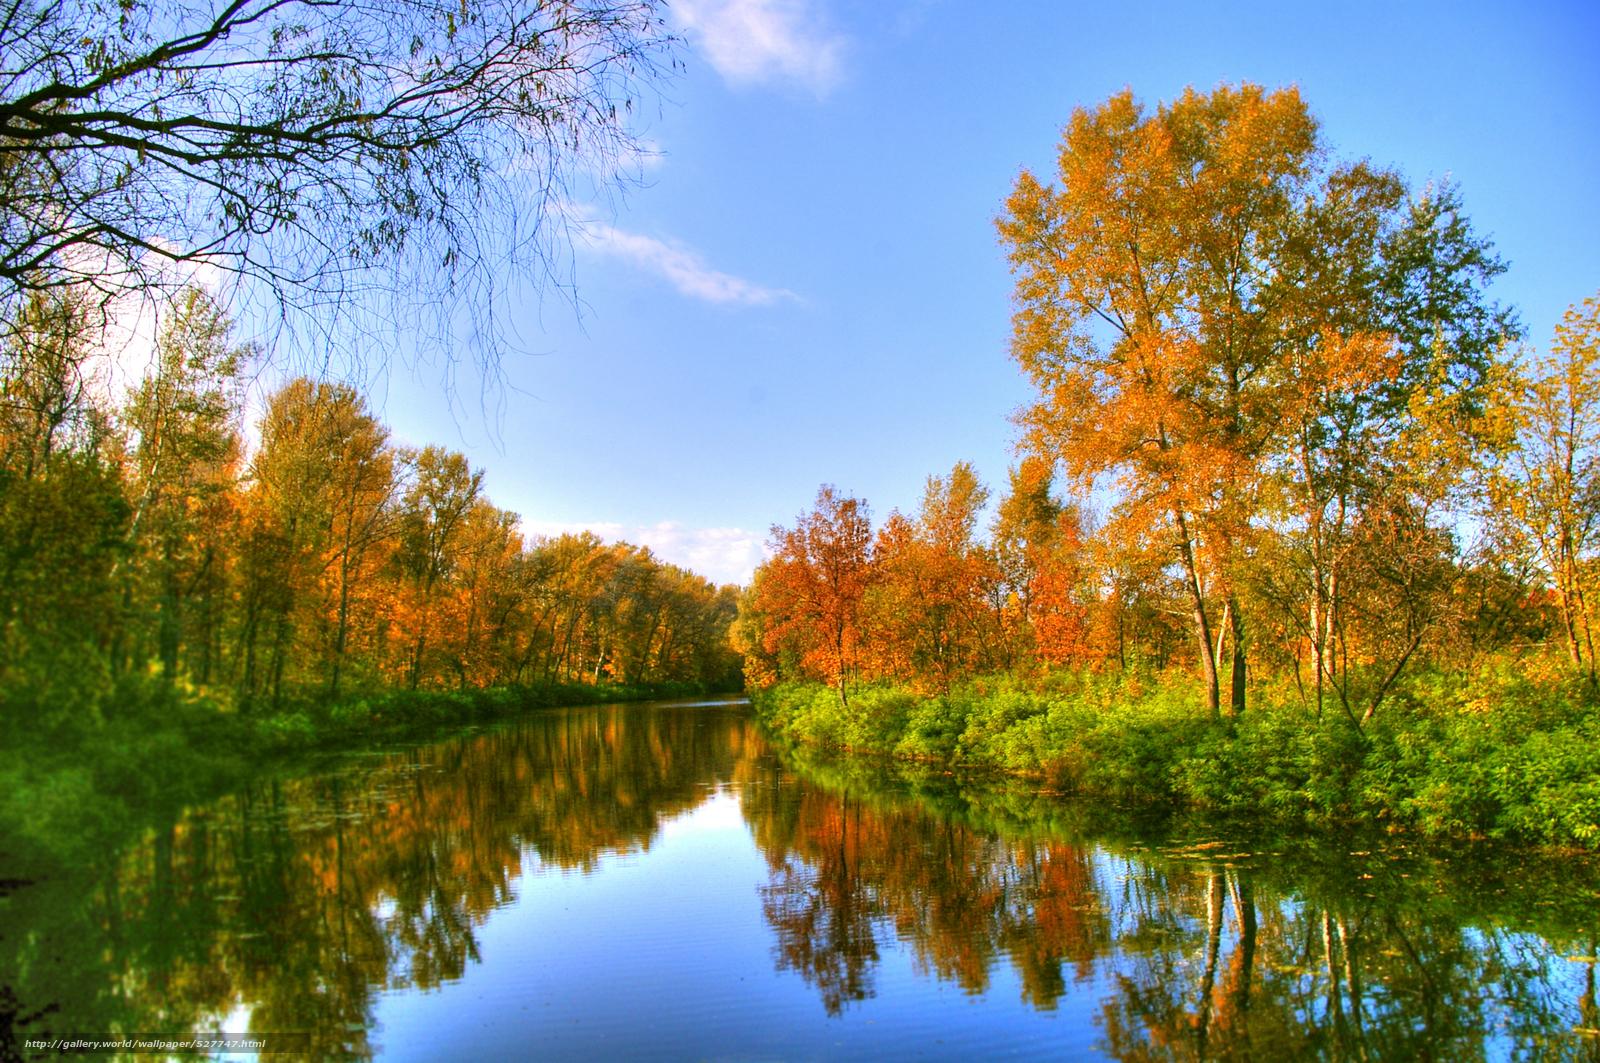 Scaricare gli sfondi fiume alberi autunno sfondi gratis for Sfondi desktop autunno